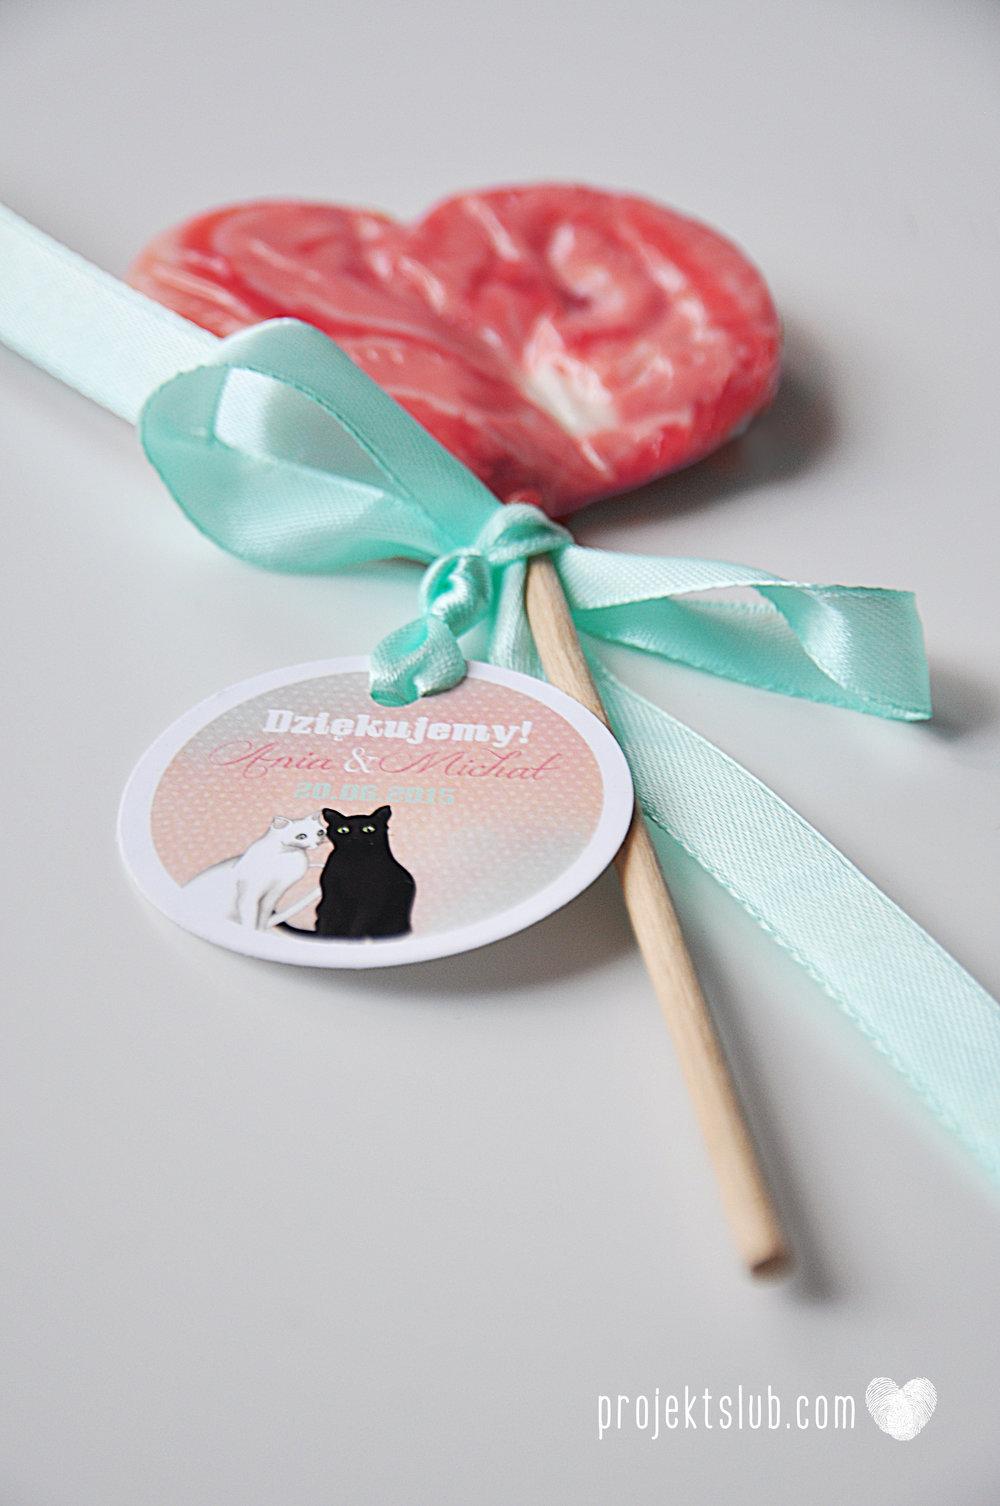 zaproszenia ślubne koty pastelowe zabawne para kotów humorystycze zaproszenie z kotem projekt ślub róż błękit biel (15).JPG